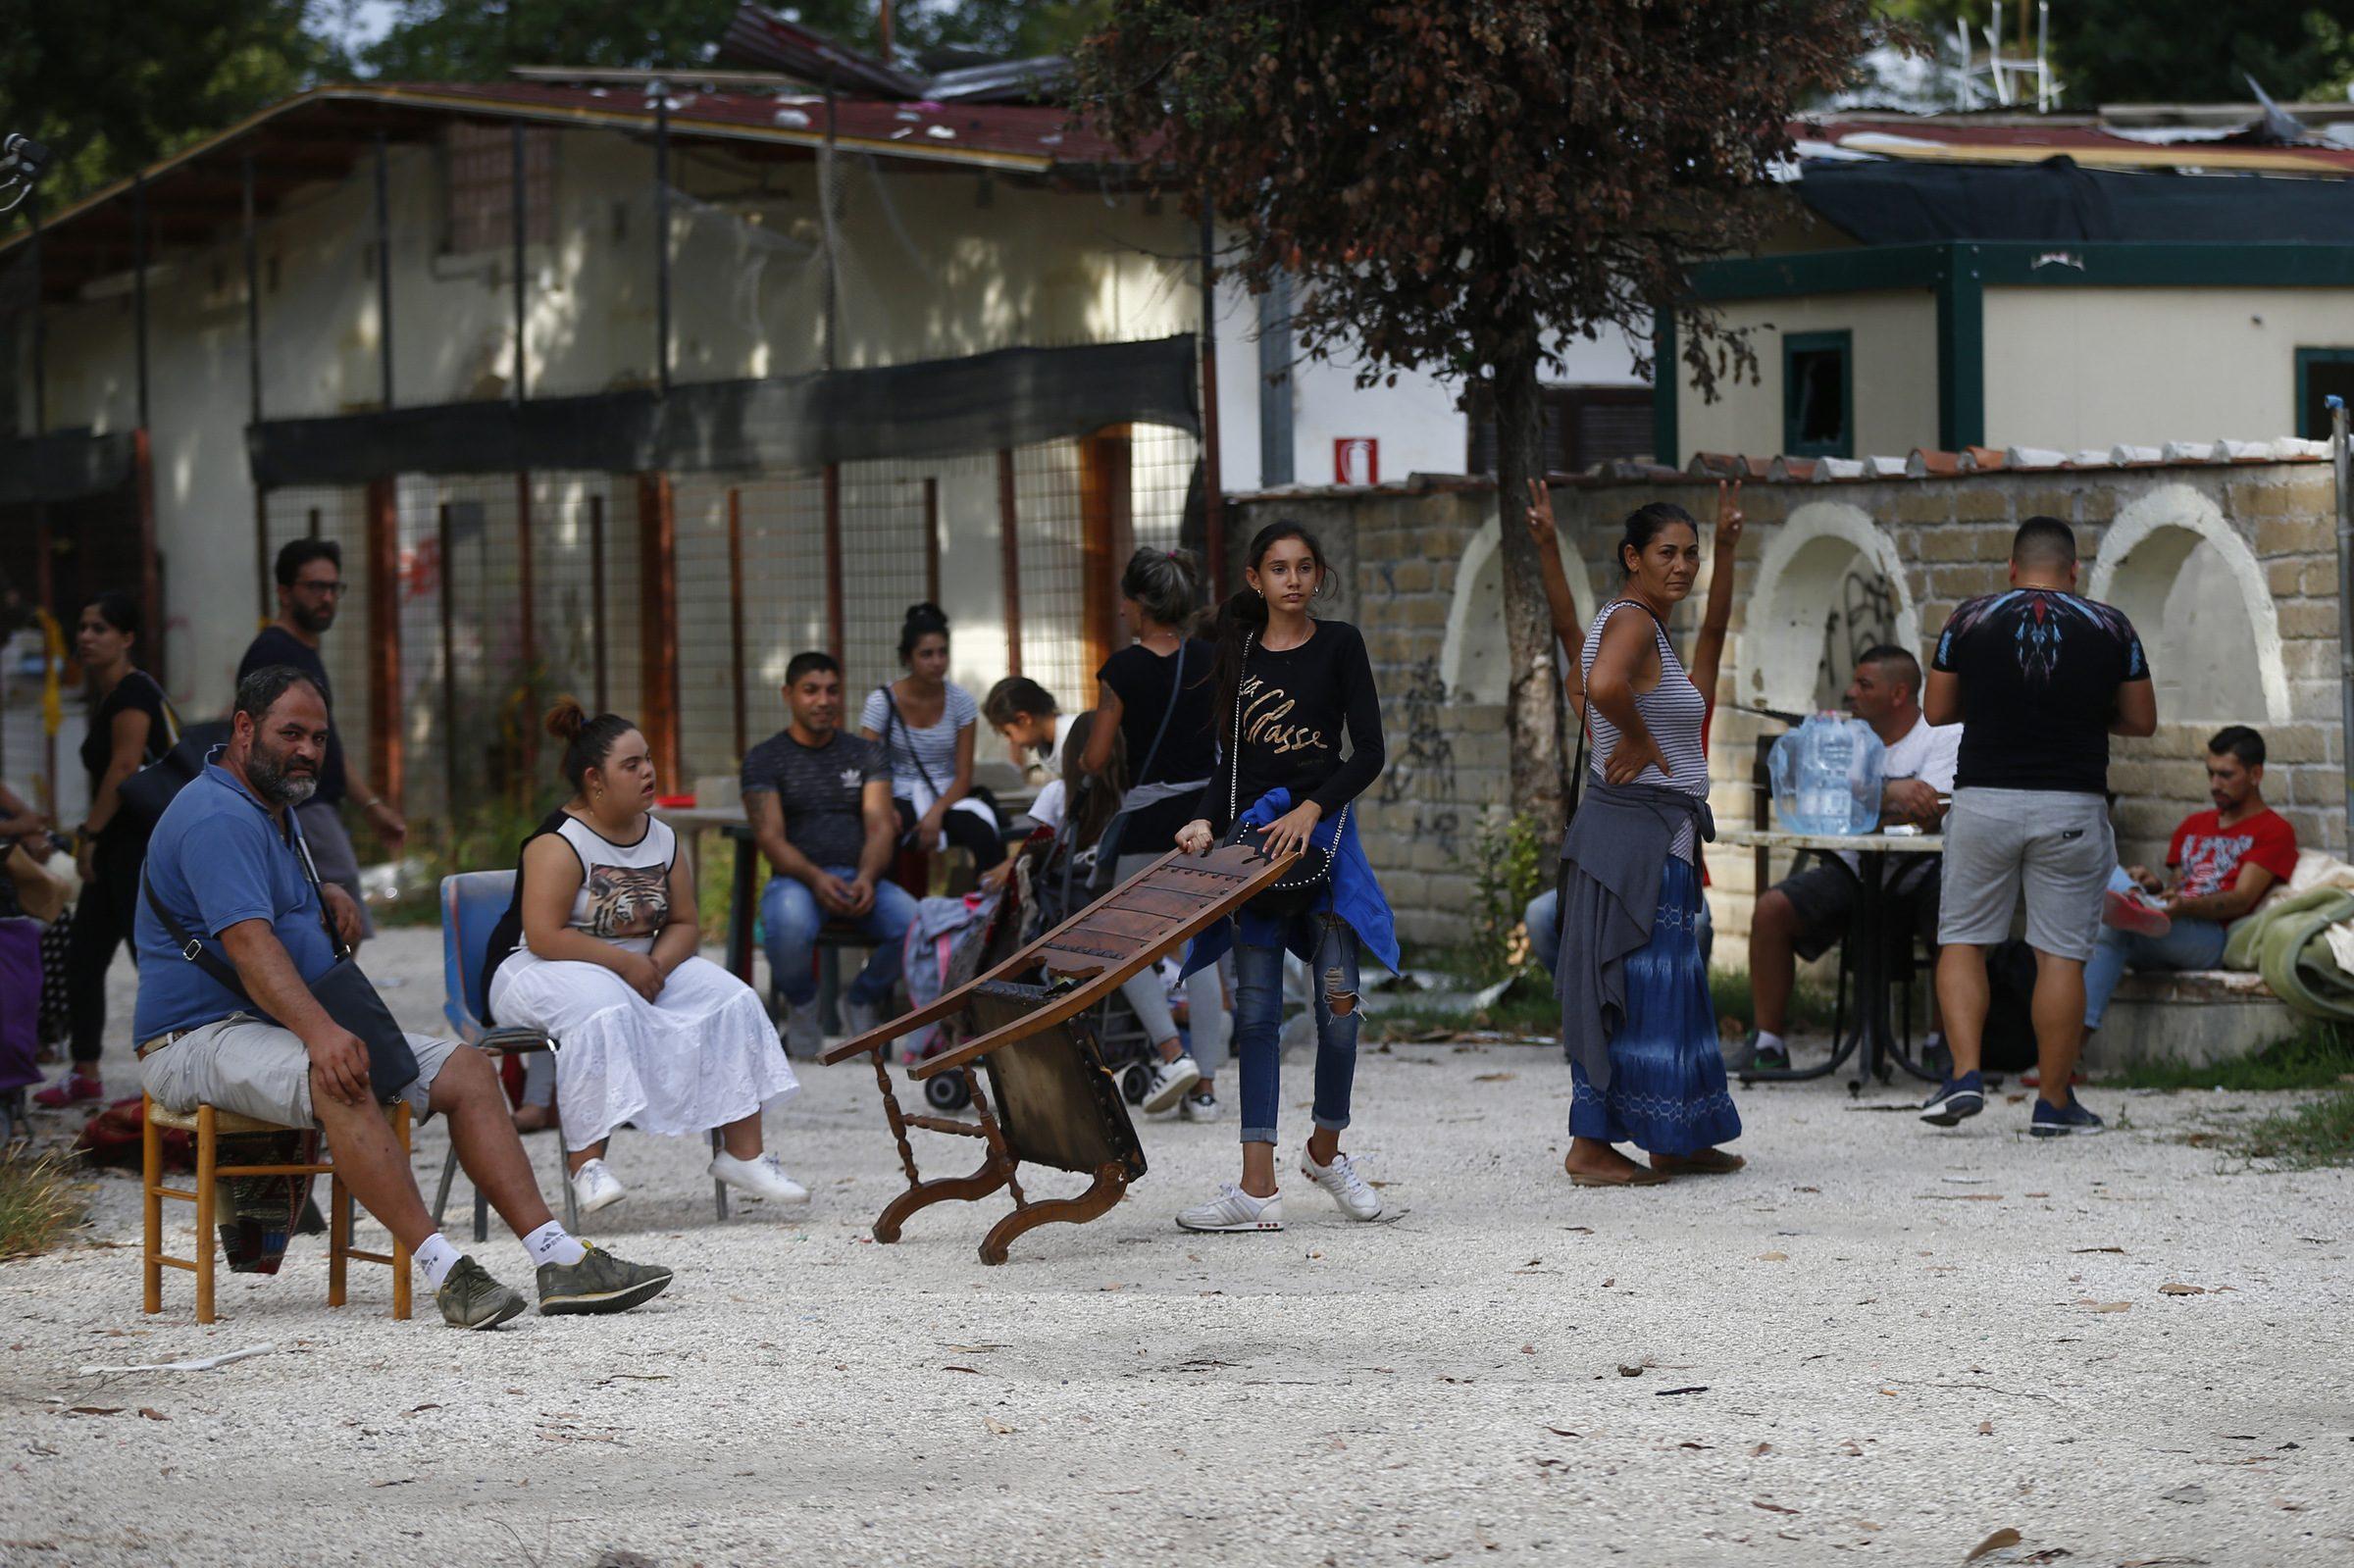 Quando sgomberare costa: a Roma spesi 1,5 milioni di euro nel 2018 per spostare circa mille Rom